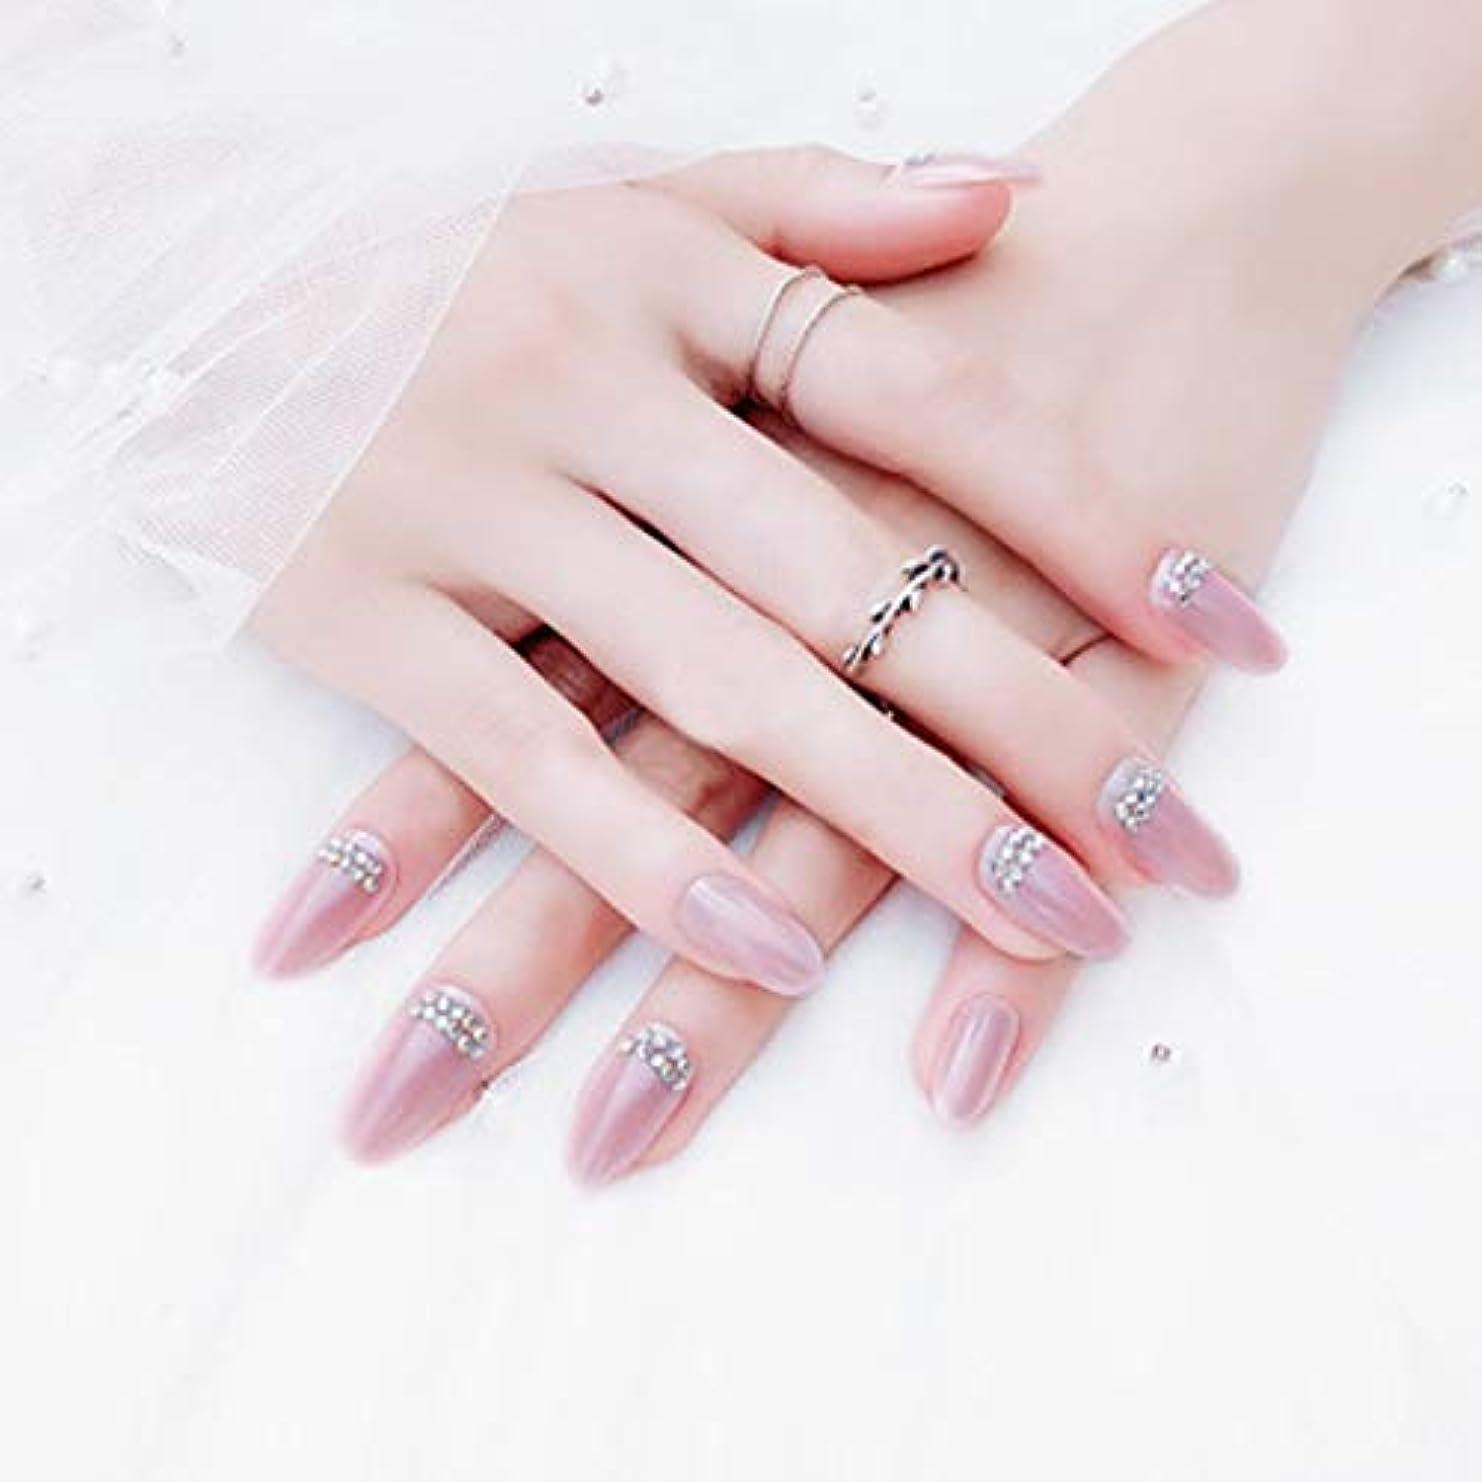 発見する感情不毛AAcreatspaceファッション花嫁偽爪ネイルダイヤモンドパターン偽爪かわいい偽爪ショートサイズレディフルネイルのヒント